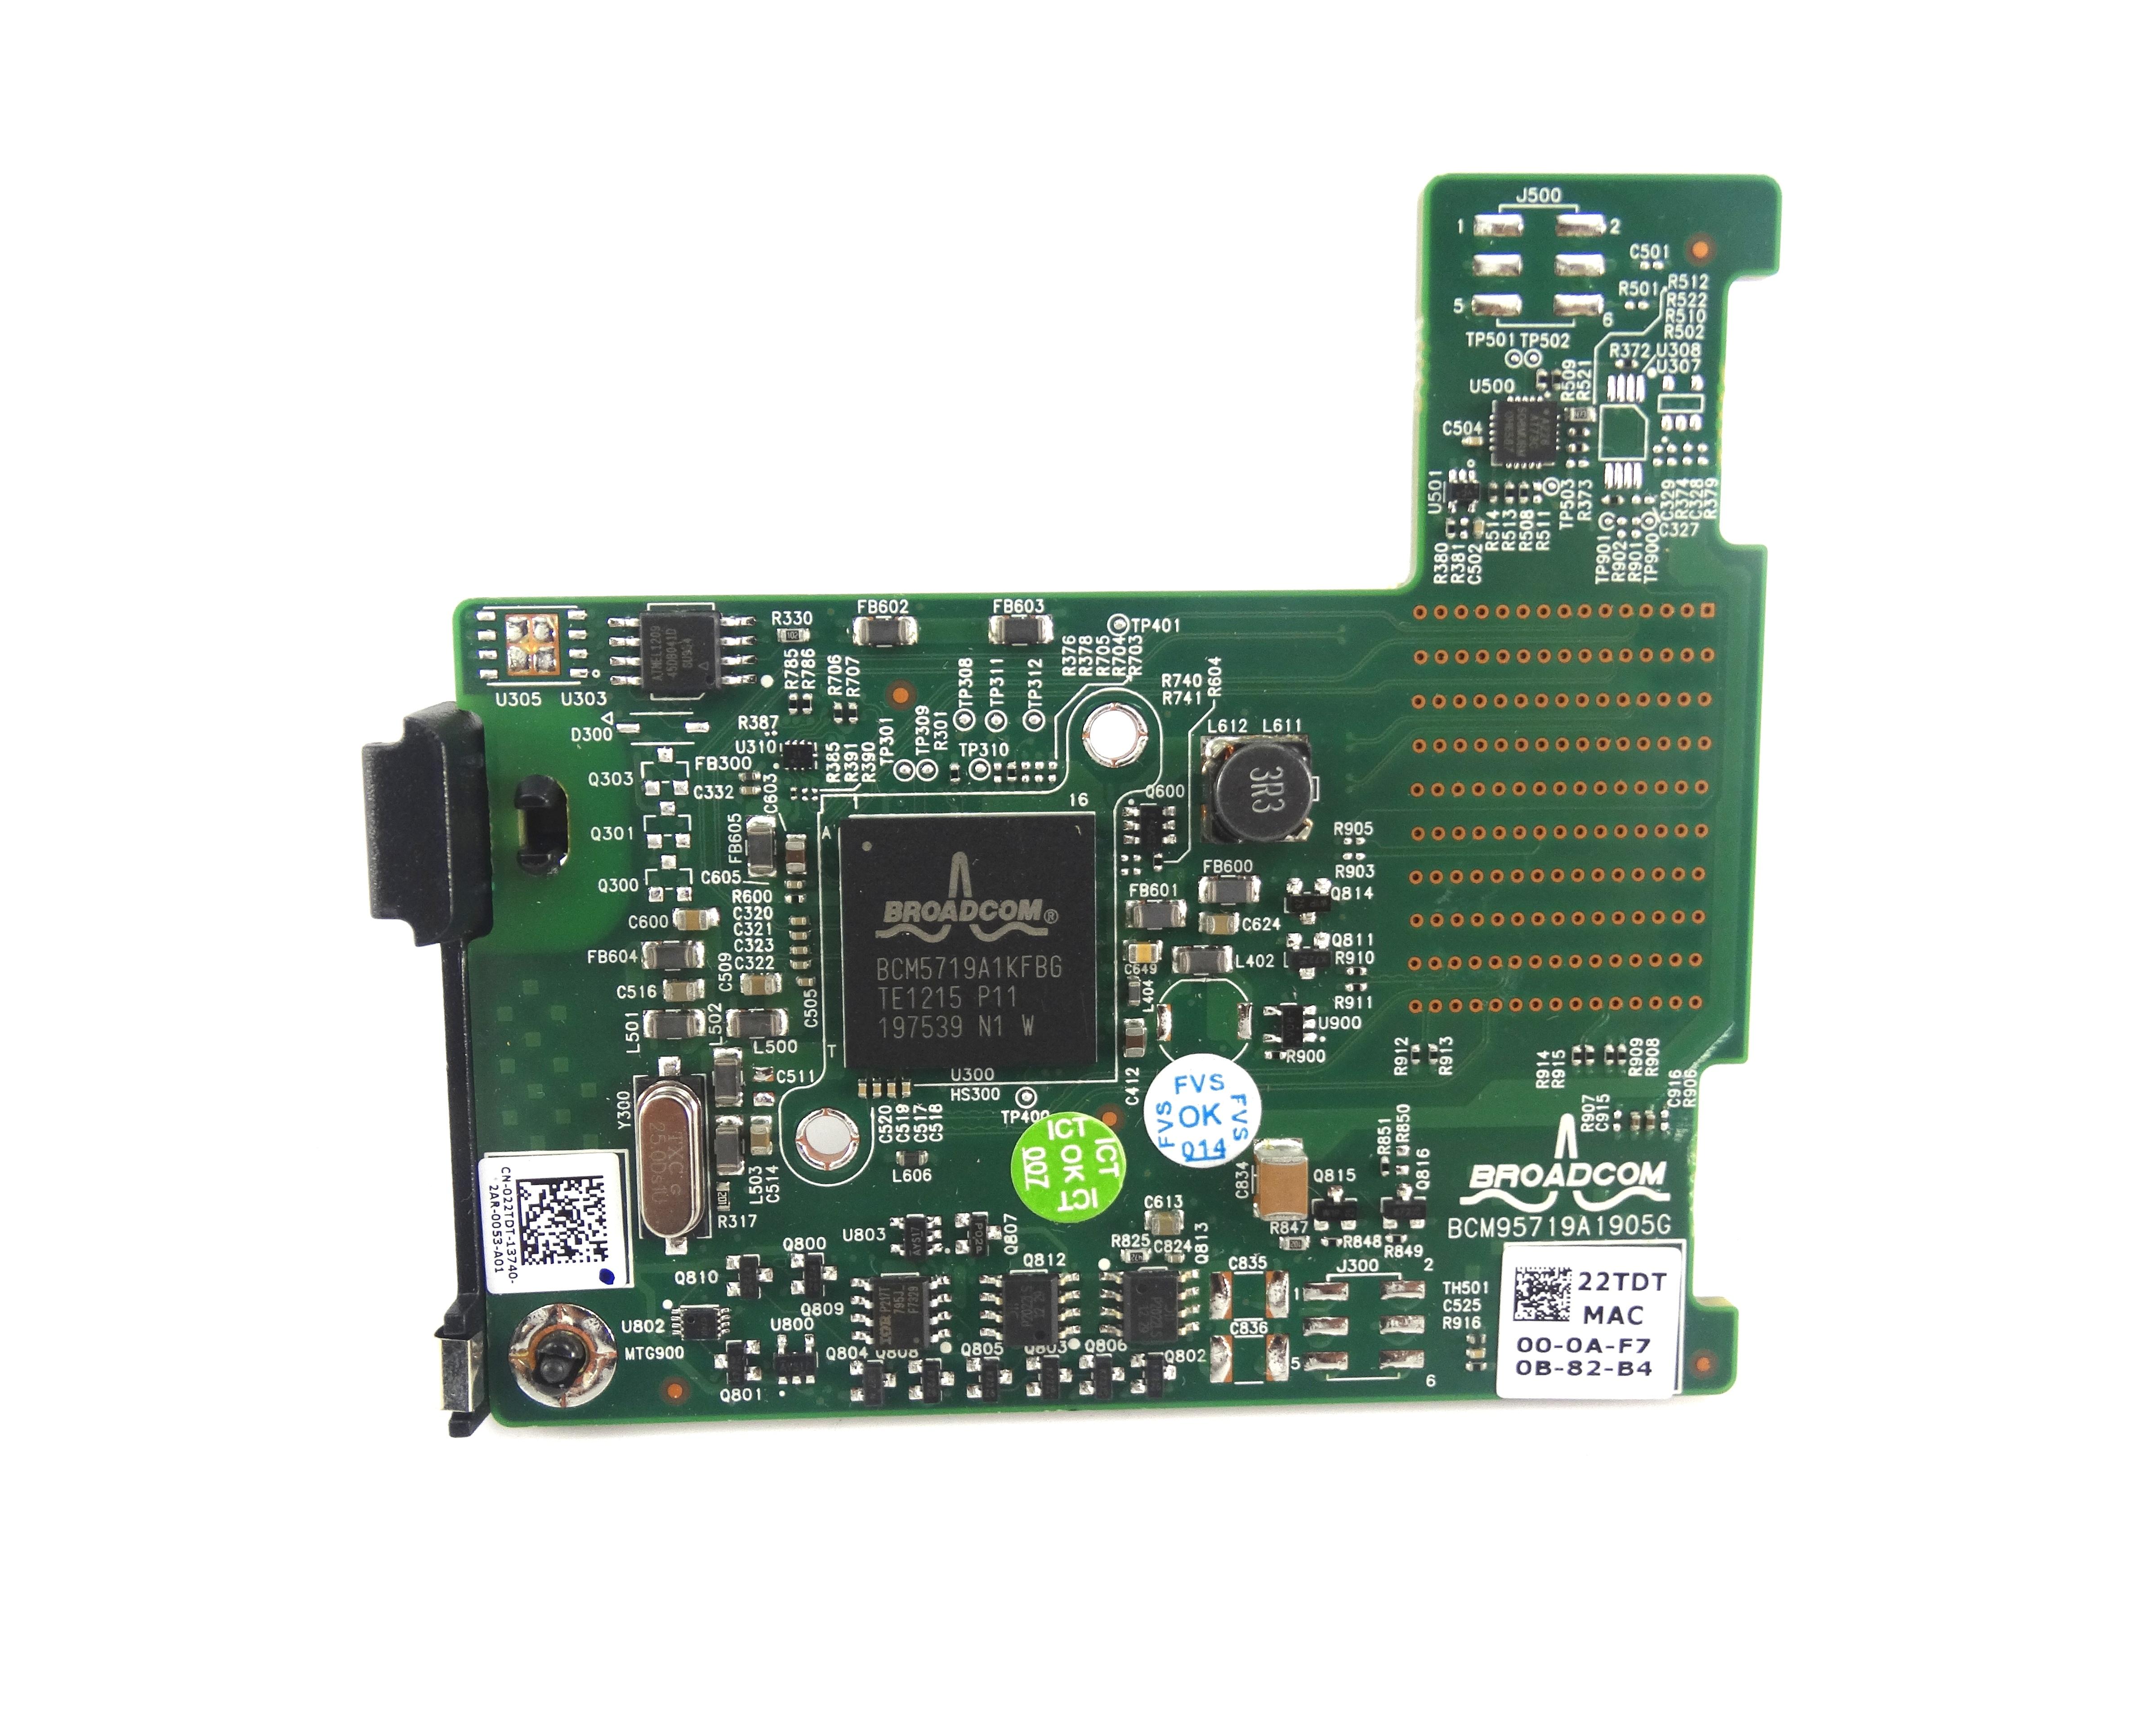 Dell Broadcom 5719 1Gbe Quad Port PCI-E 2.0 Mezzanine Card (22TDT)